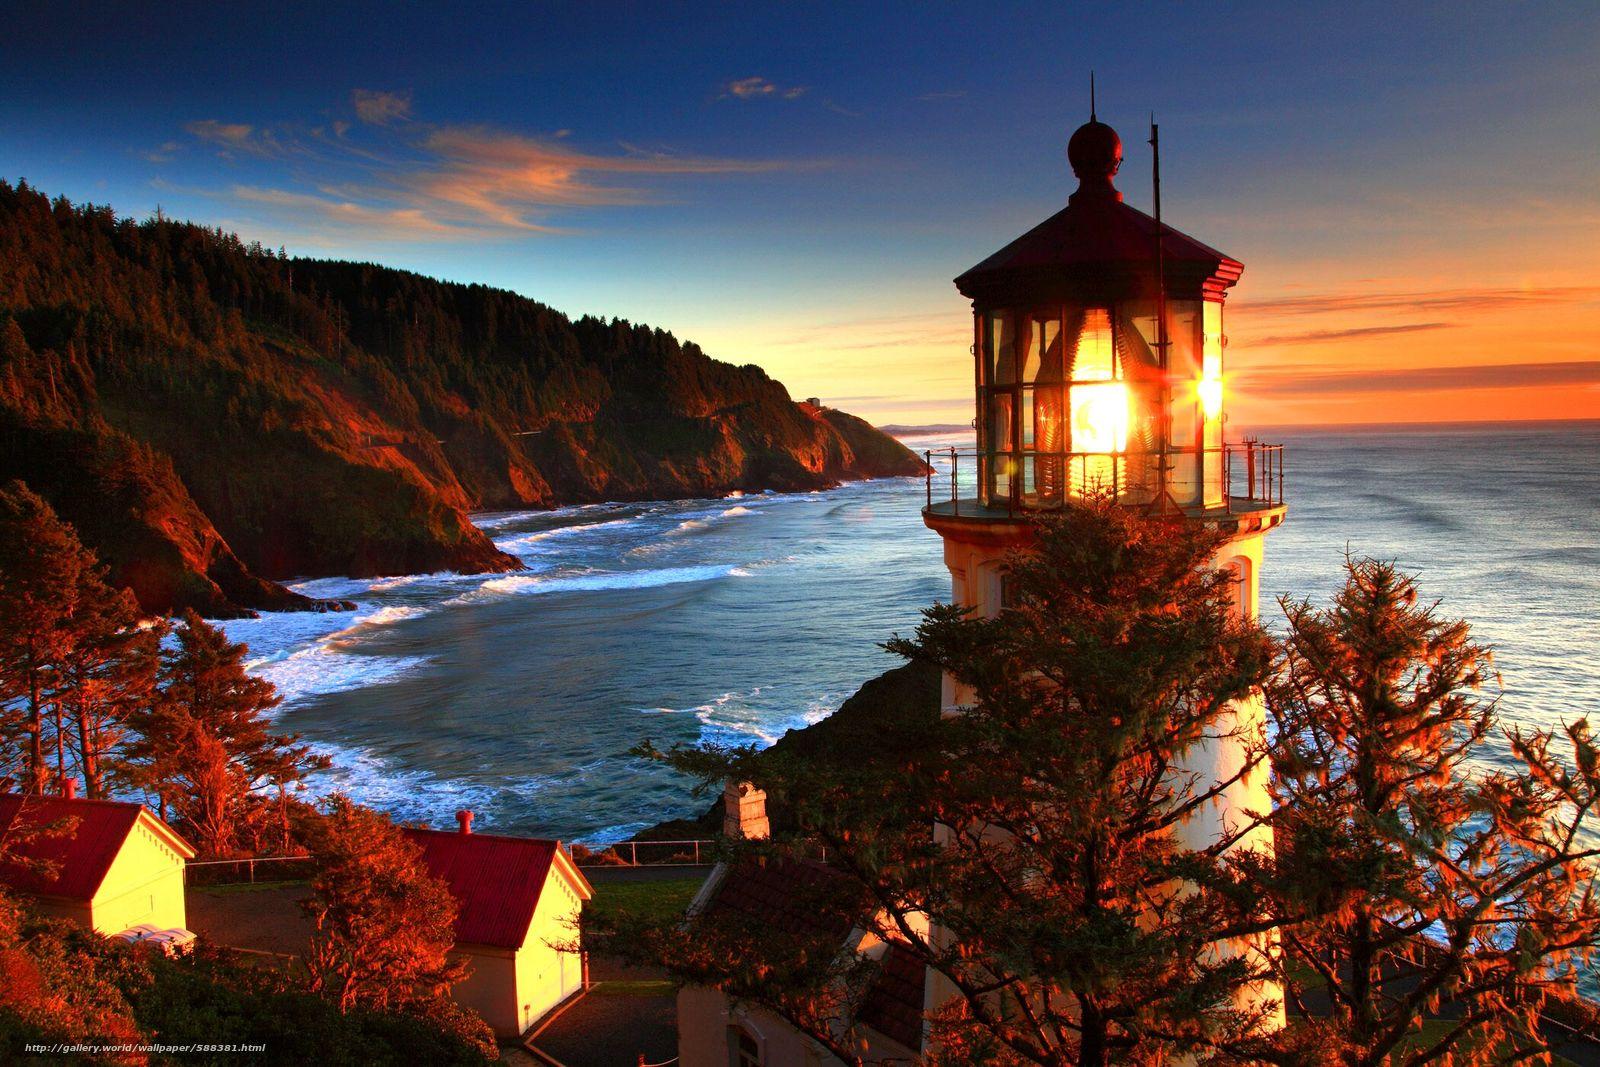 壁紙をダウンロード 海岸,  海,  自然,  灯台 デスクトップの解像度のための無料壁紙 2100x1400 — 絵 №588381